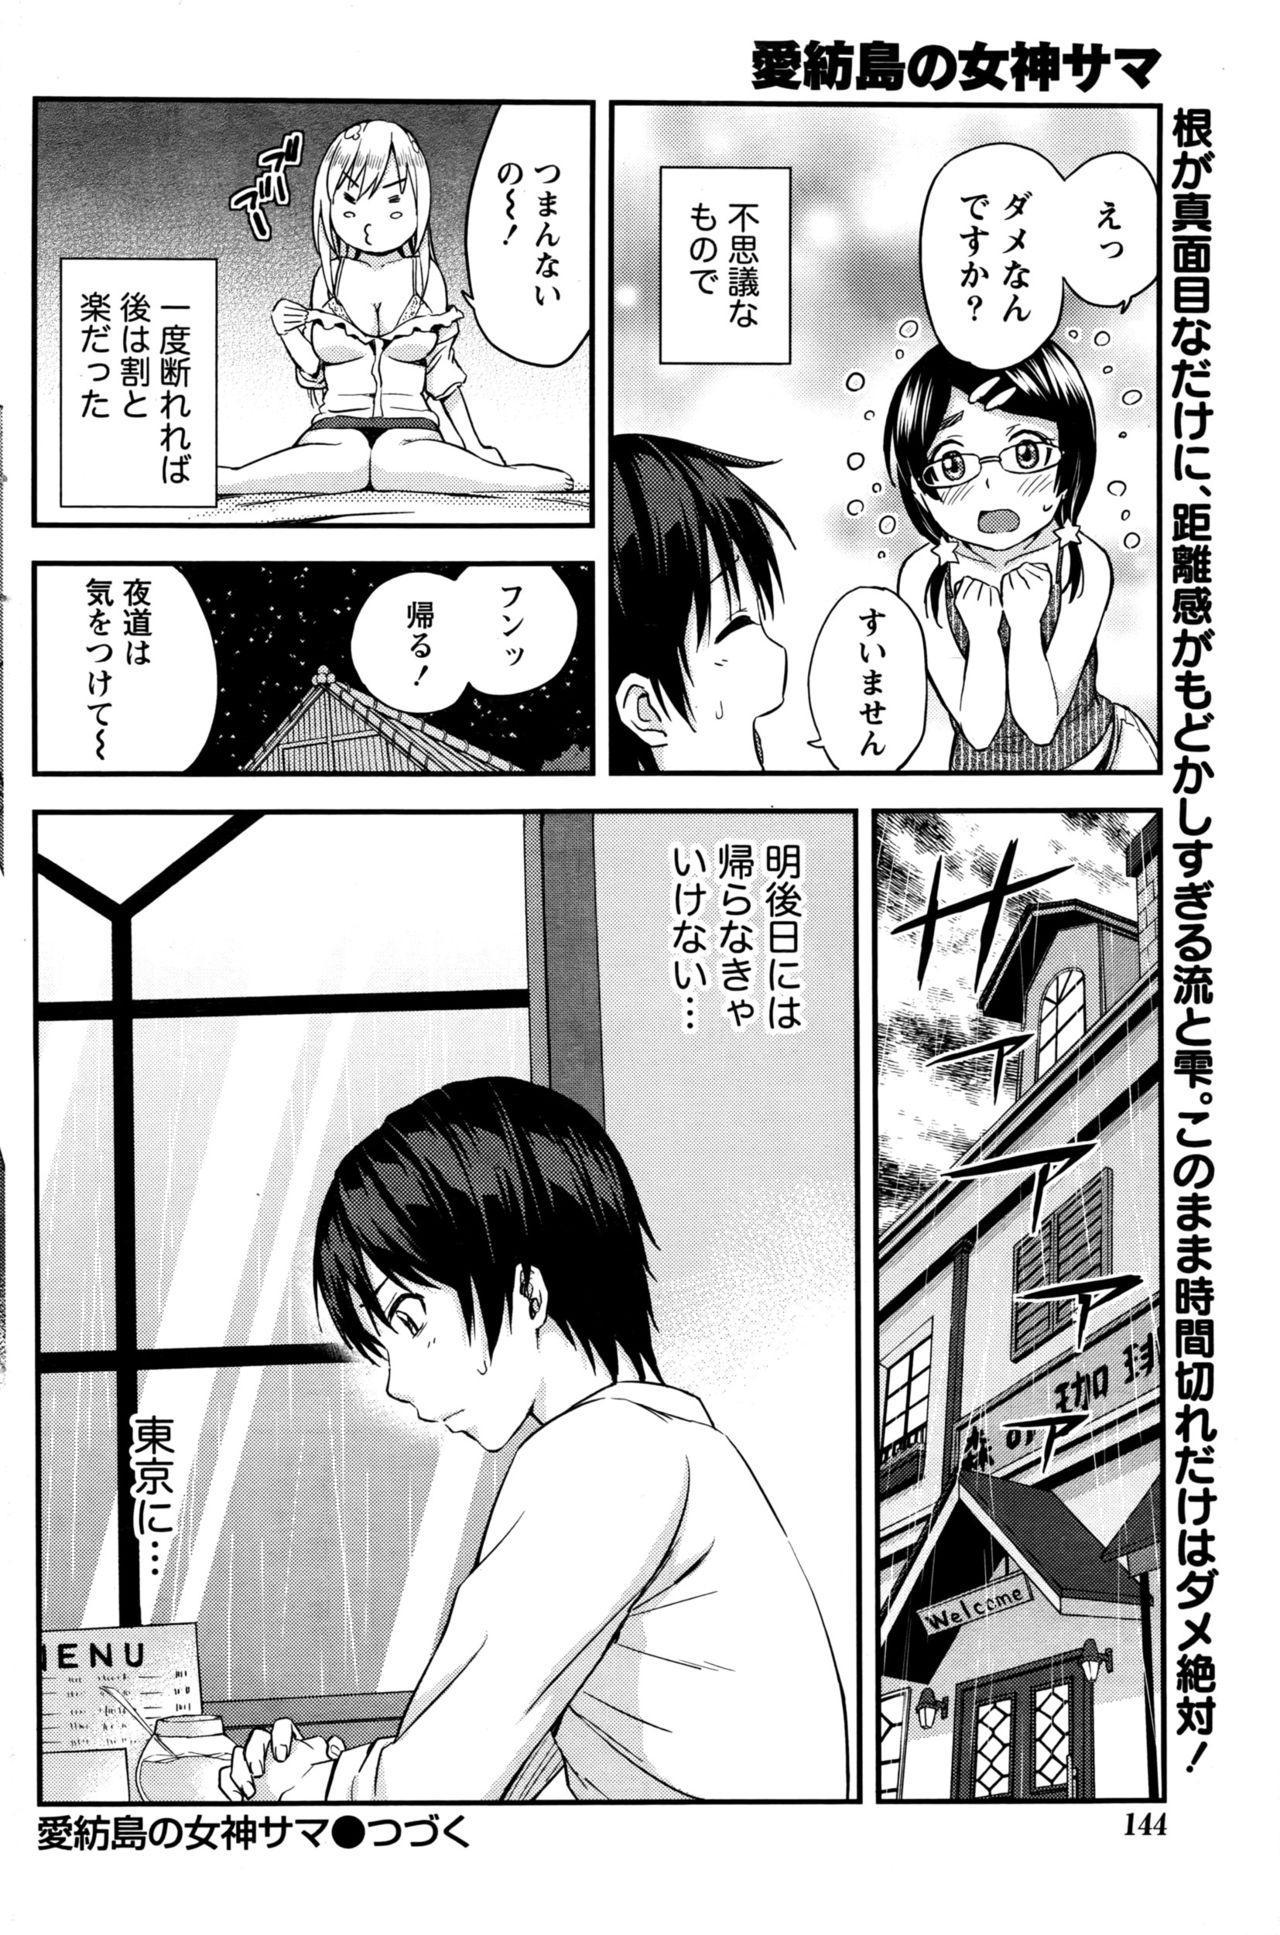 [Higashino Mikan] Atsumujima no Megumi-sama - Goddess of Atsumu-Island 108